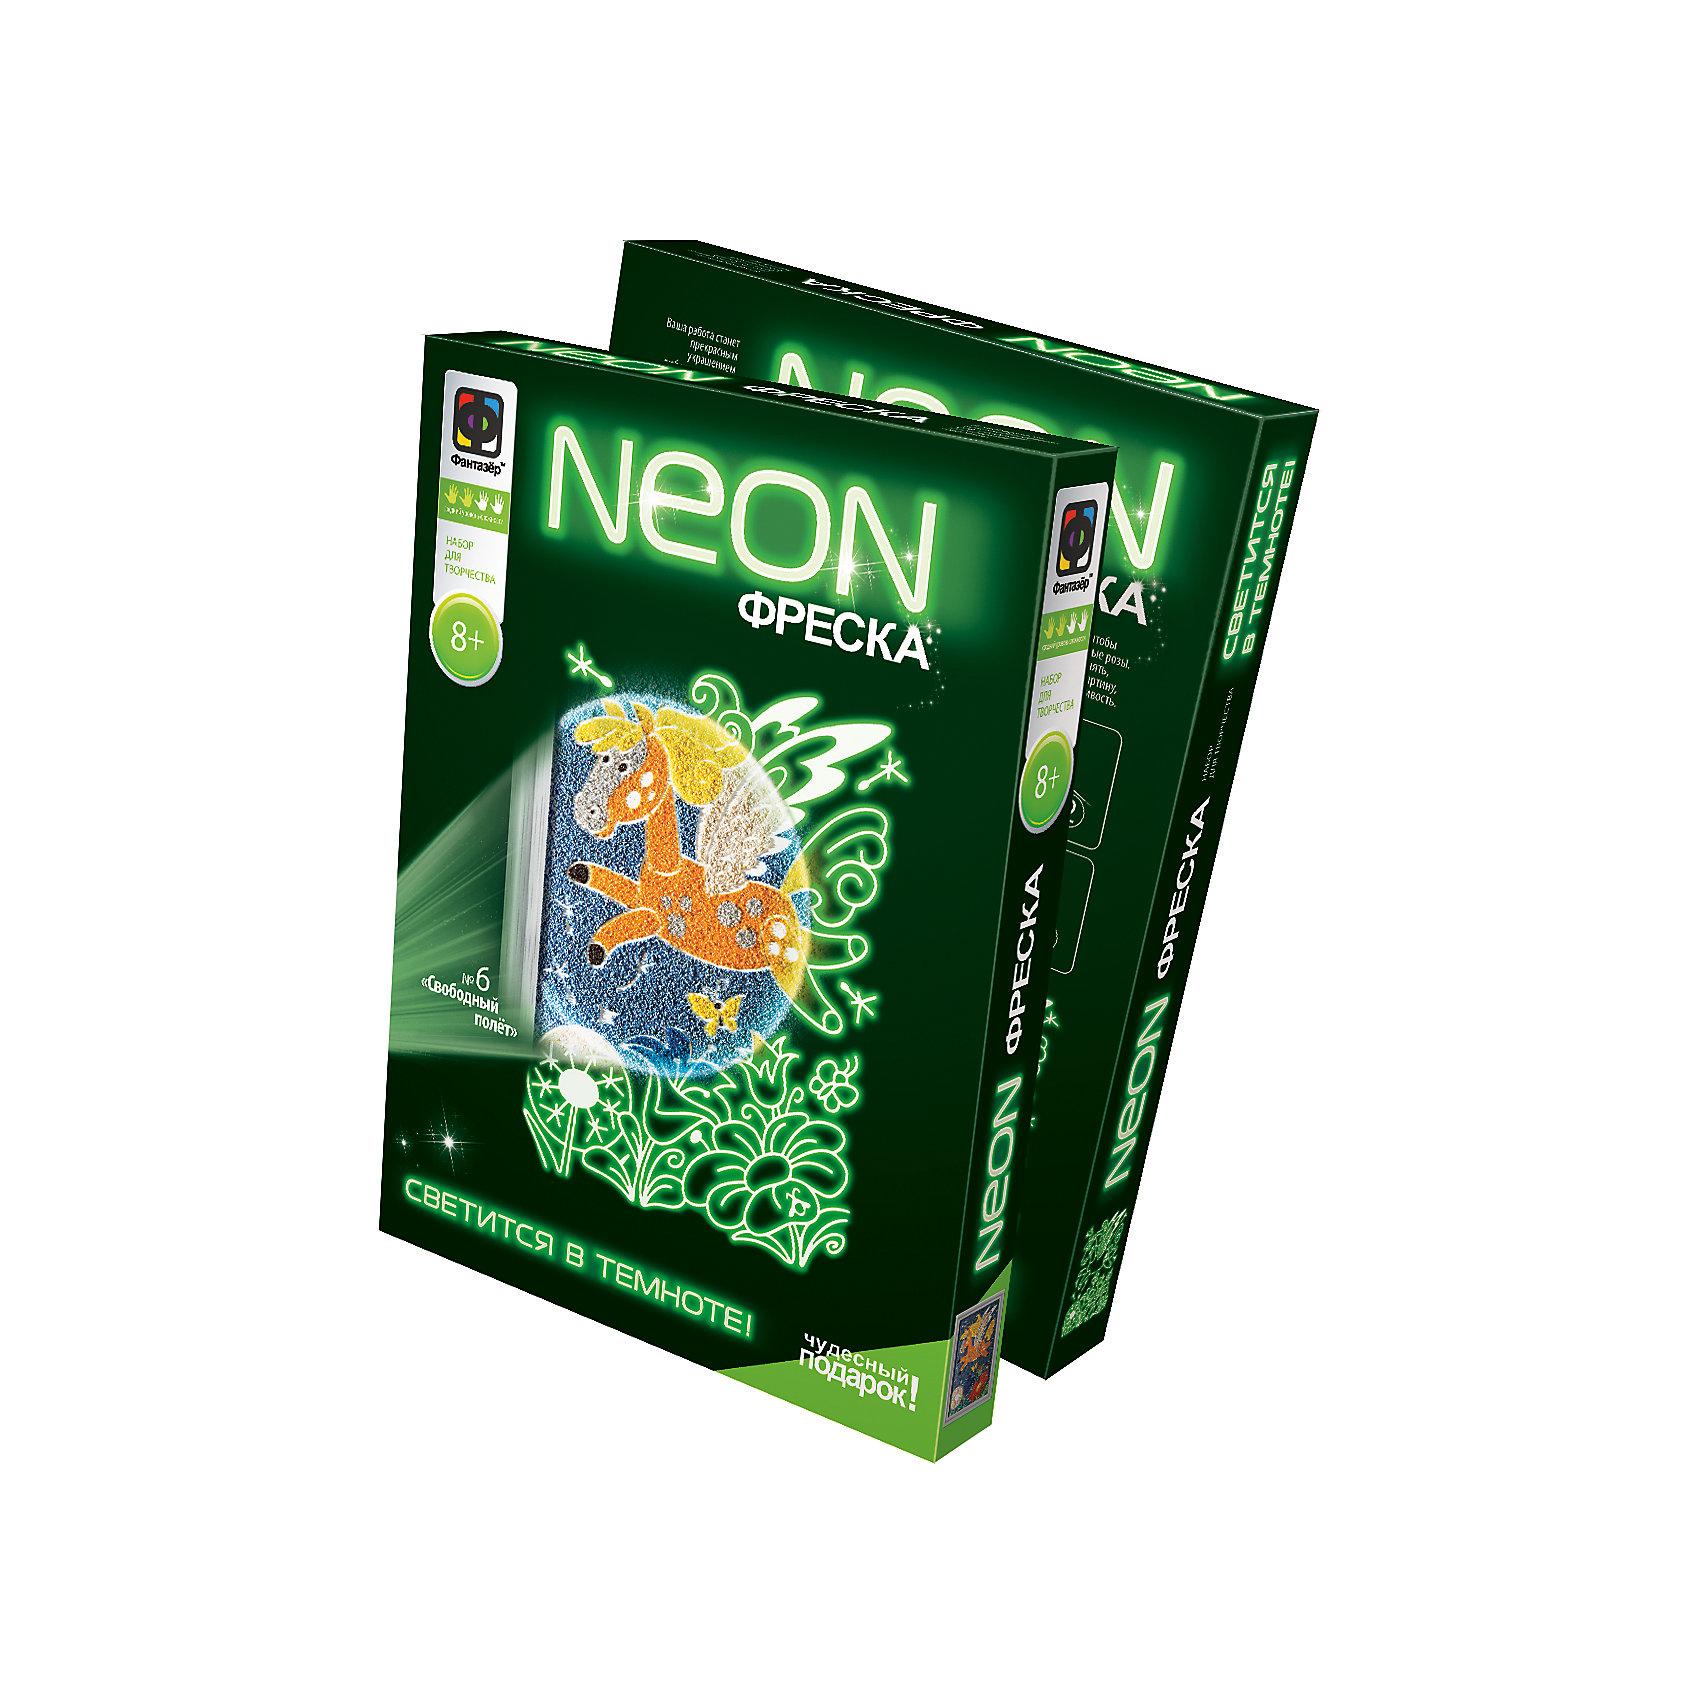 Неон-фреска